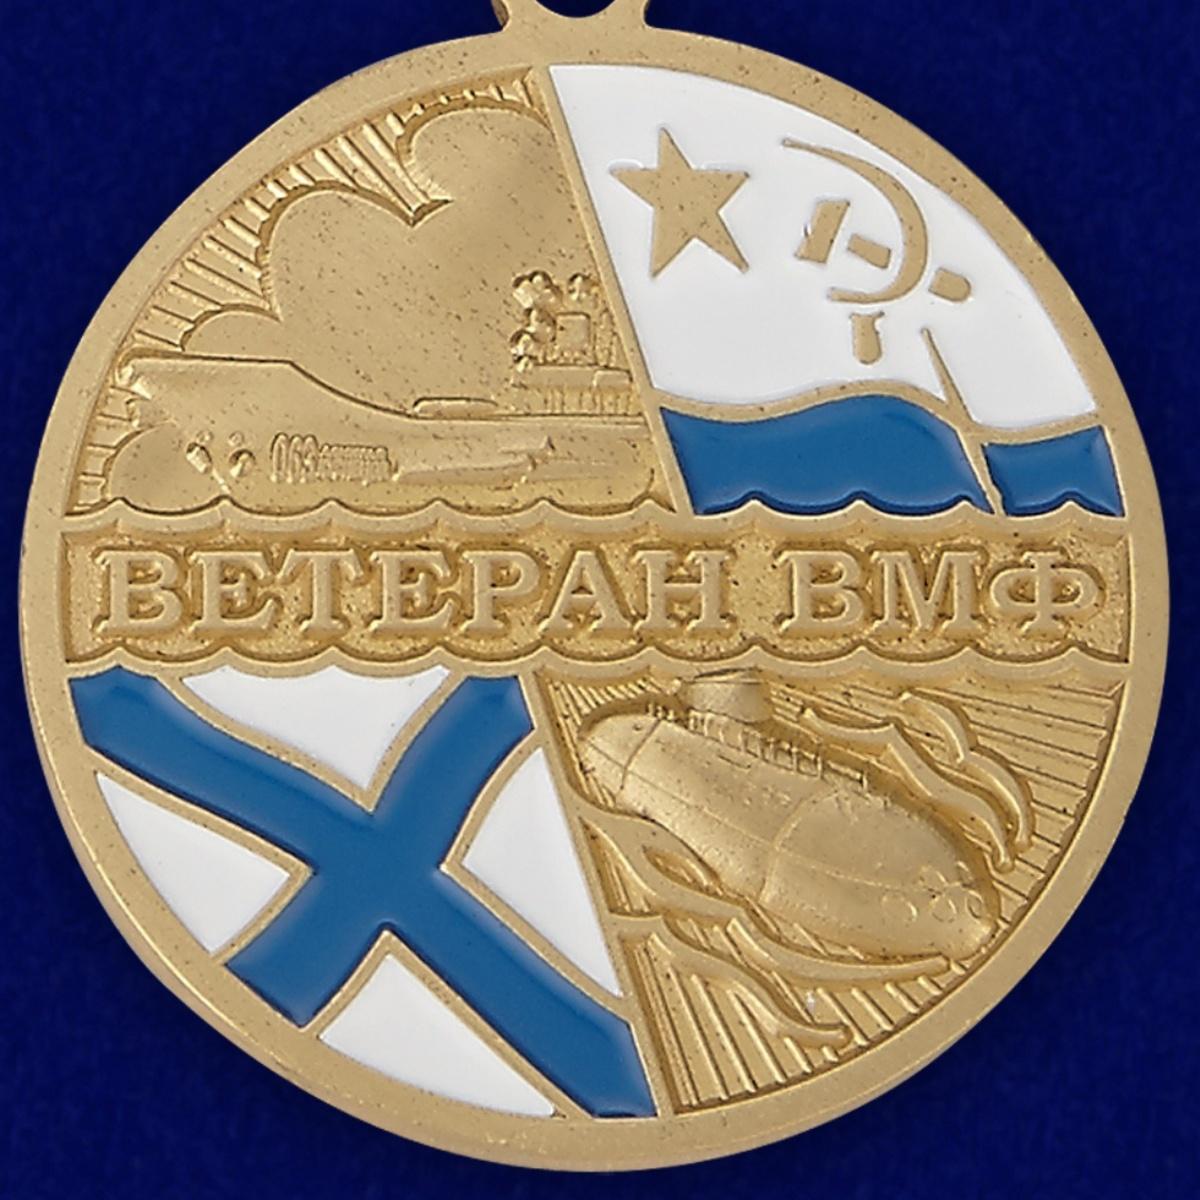 Купить медаль Ветерану ВМФ России в бархатистом футляре с пластиковой крышкой